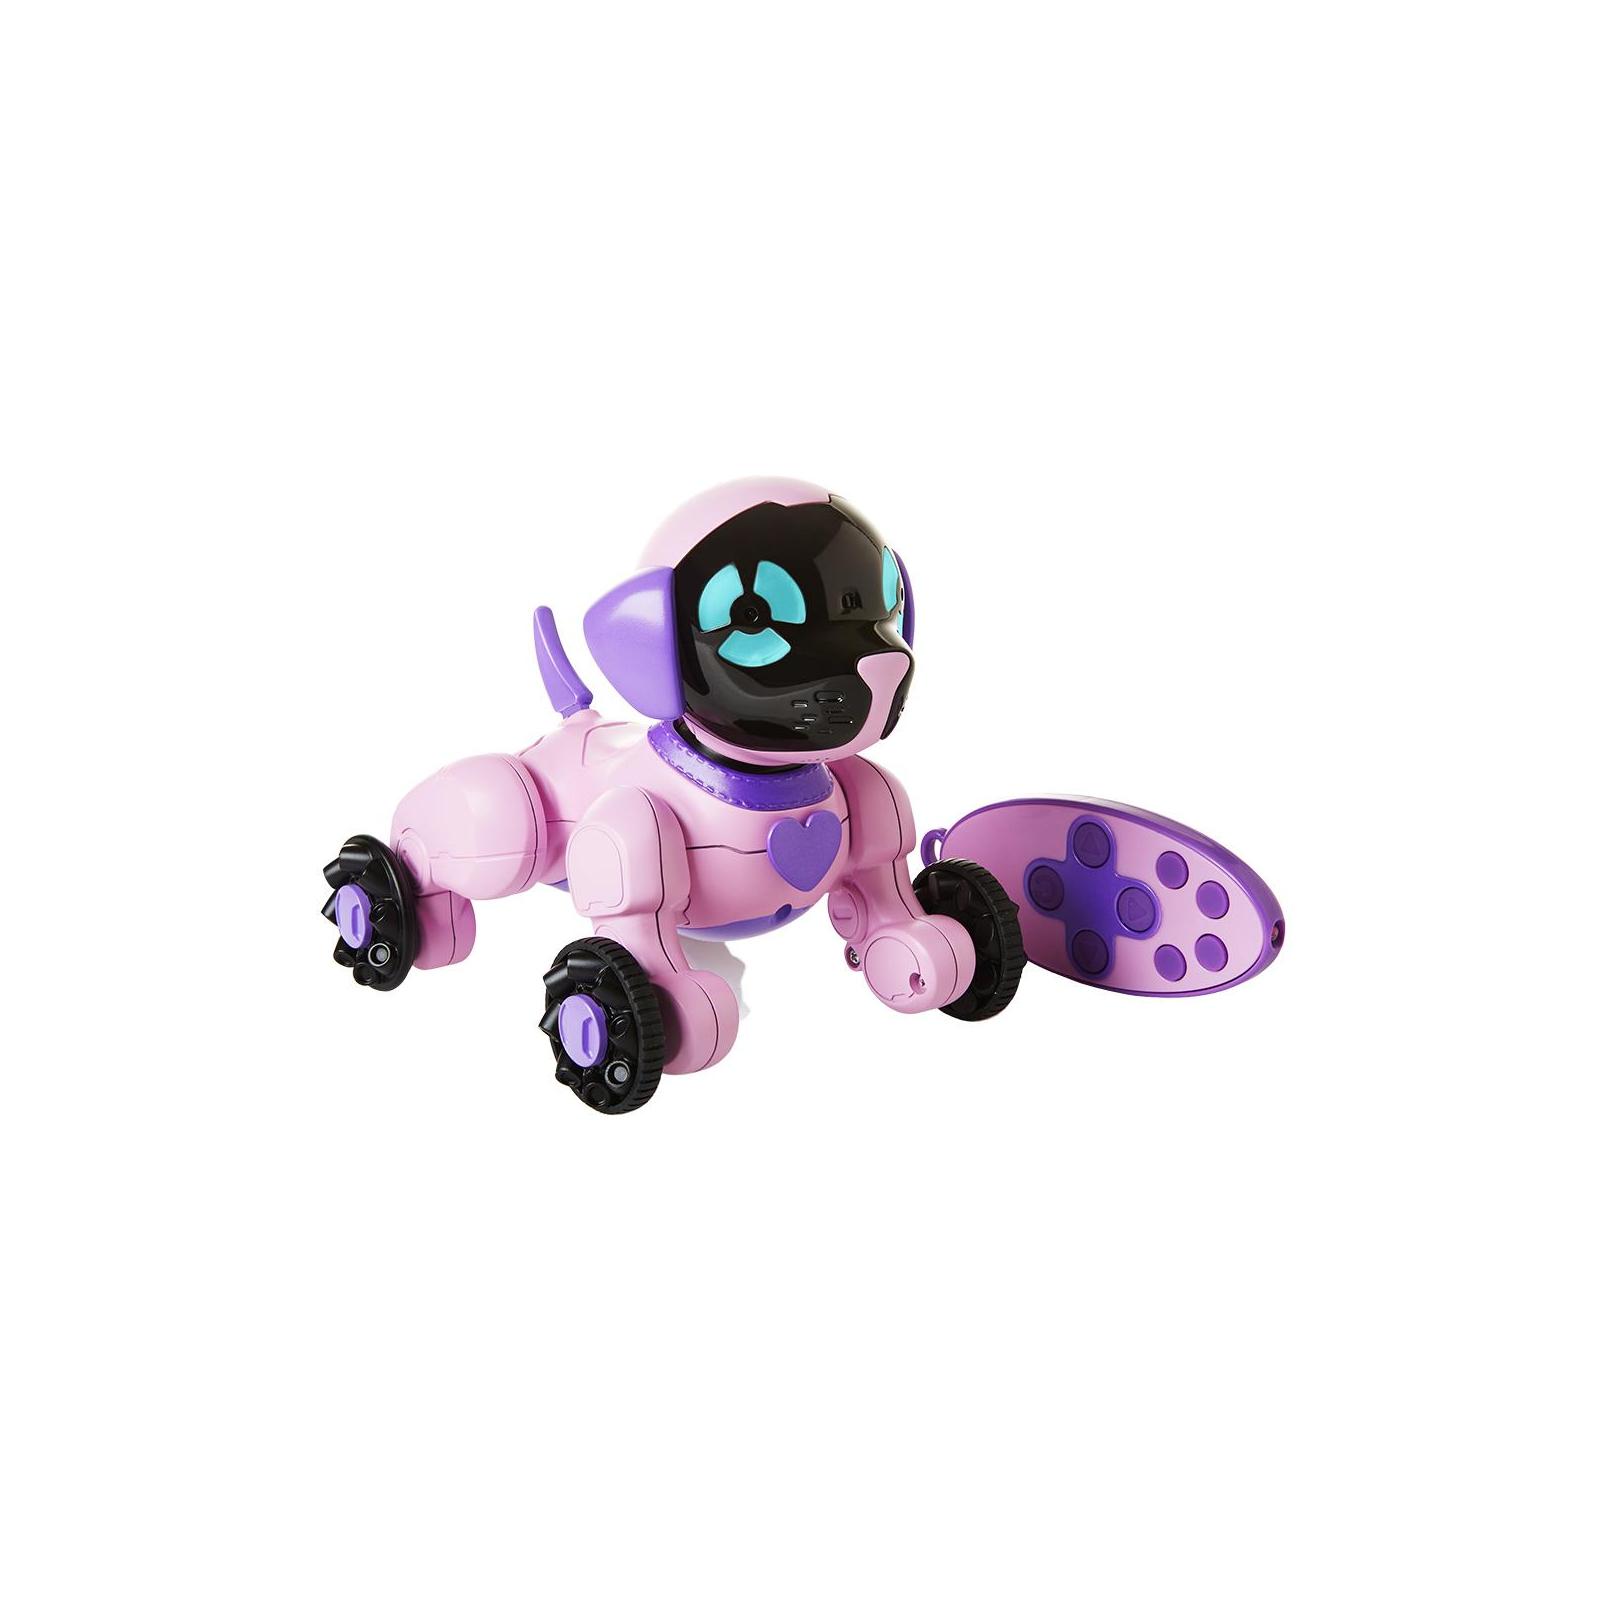 Интерактивная игрушка WowWee Маленький щенок Чип розовый (W2804/3817)